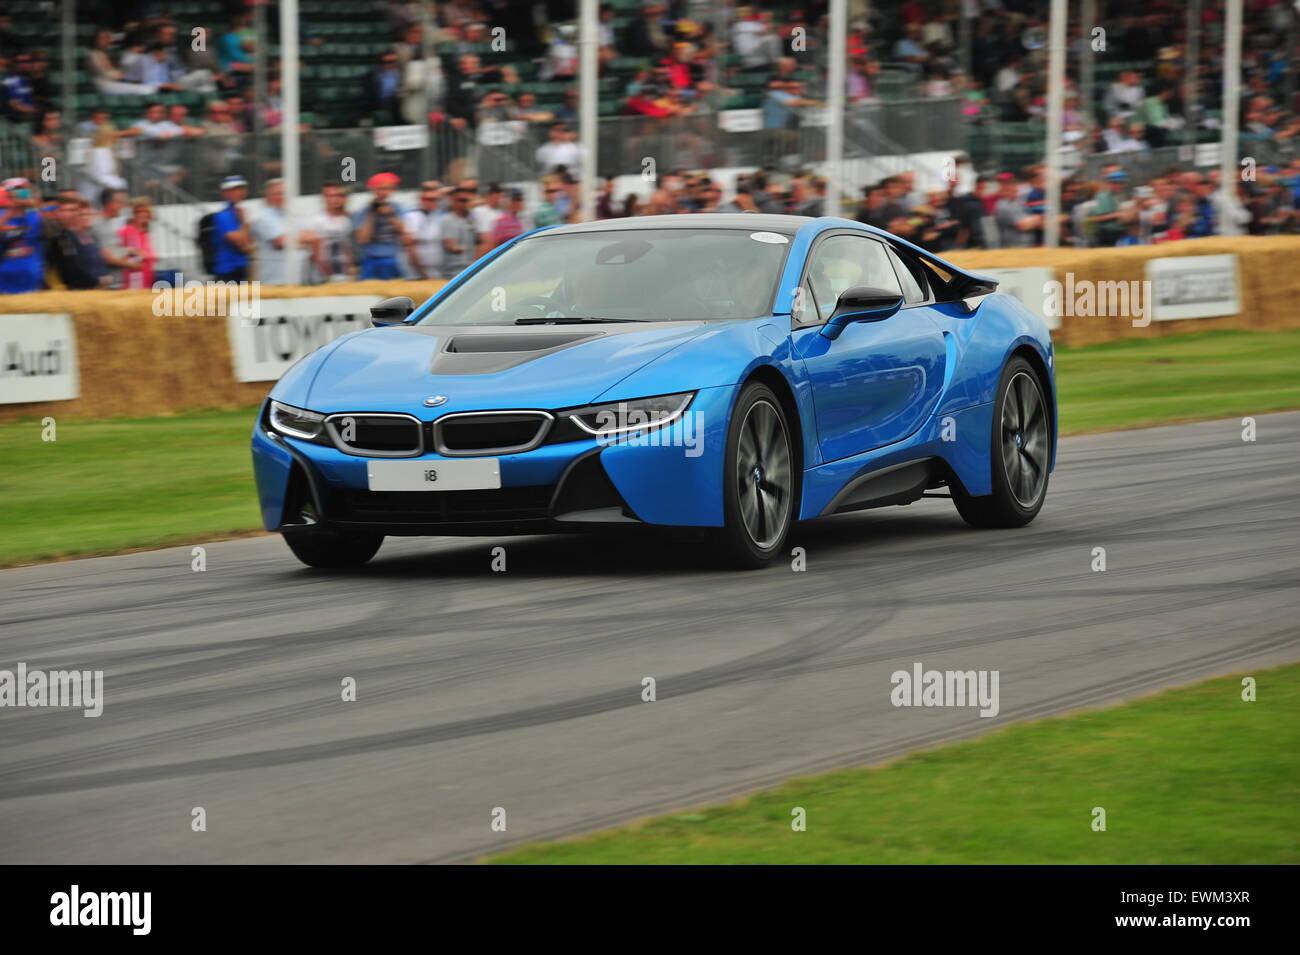 Un hybride BMW i8 au Goodwood Festival of Speed. Les pilotes de course, des célébrités et des milliers Photo Stock